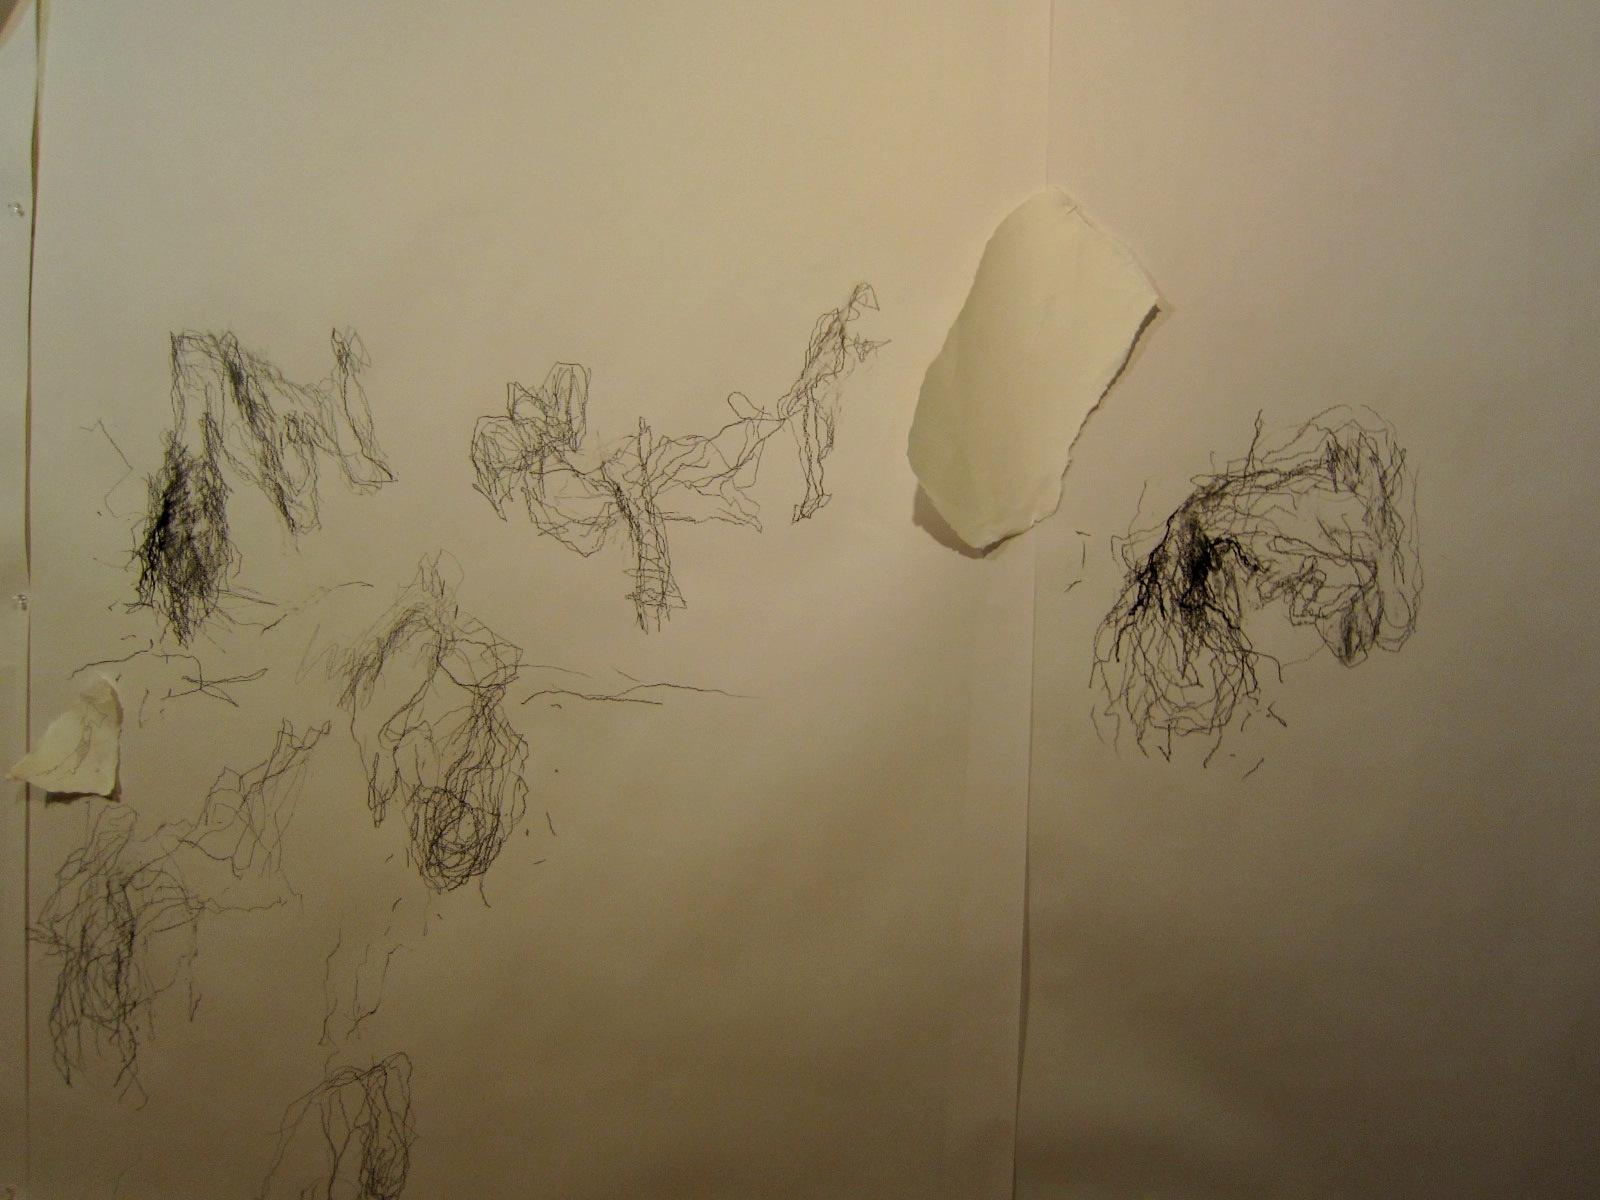 2196) 「ドローイング展 ~参加料無料!! 自由に描いて下さい!!」 たぴお 9月9日(月)~9月14日(土)_f0126829_23375110.jpg